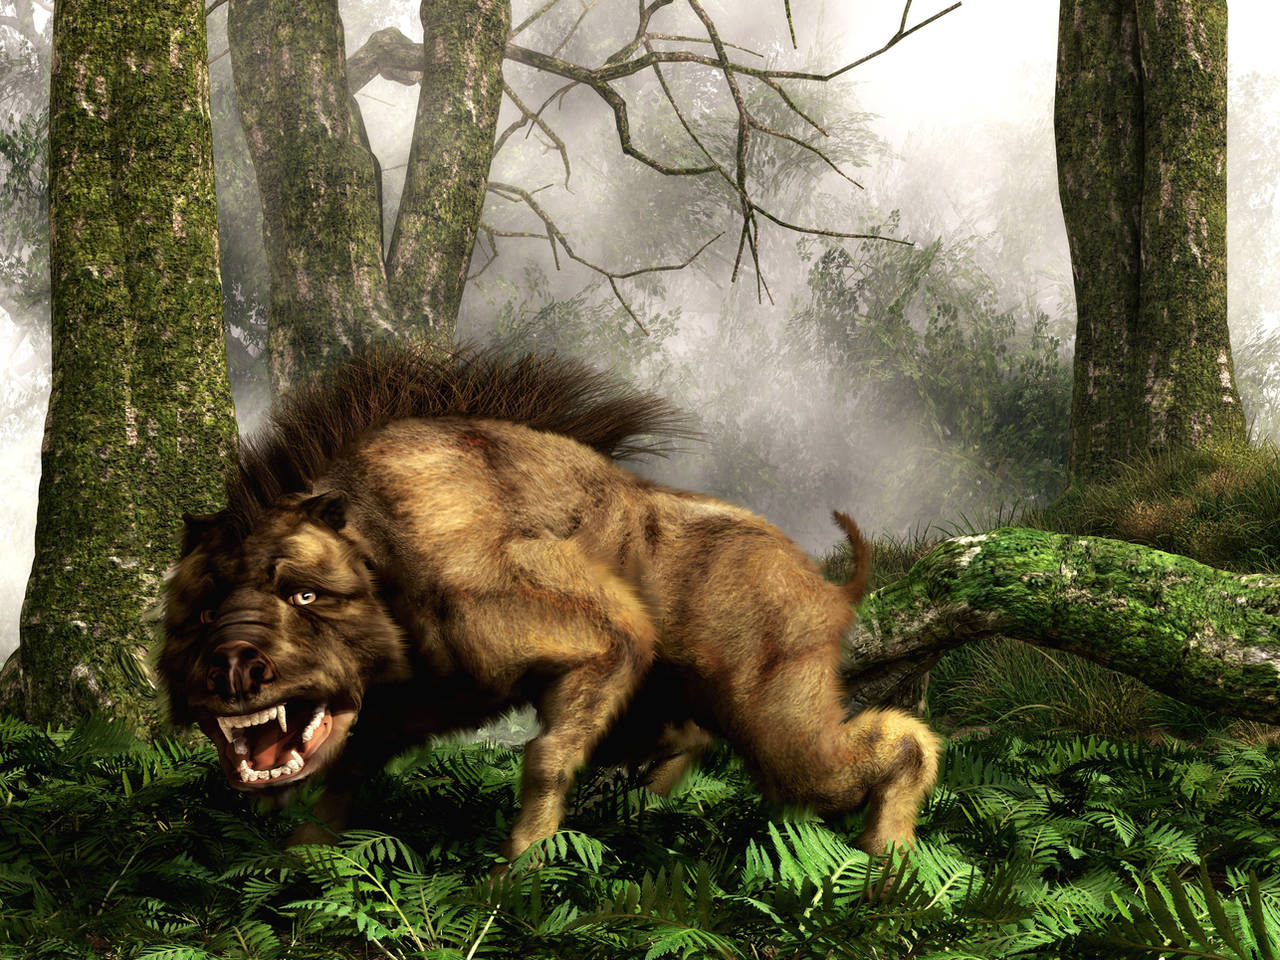 Daeodon, The Terrible Hog by deskridge